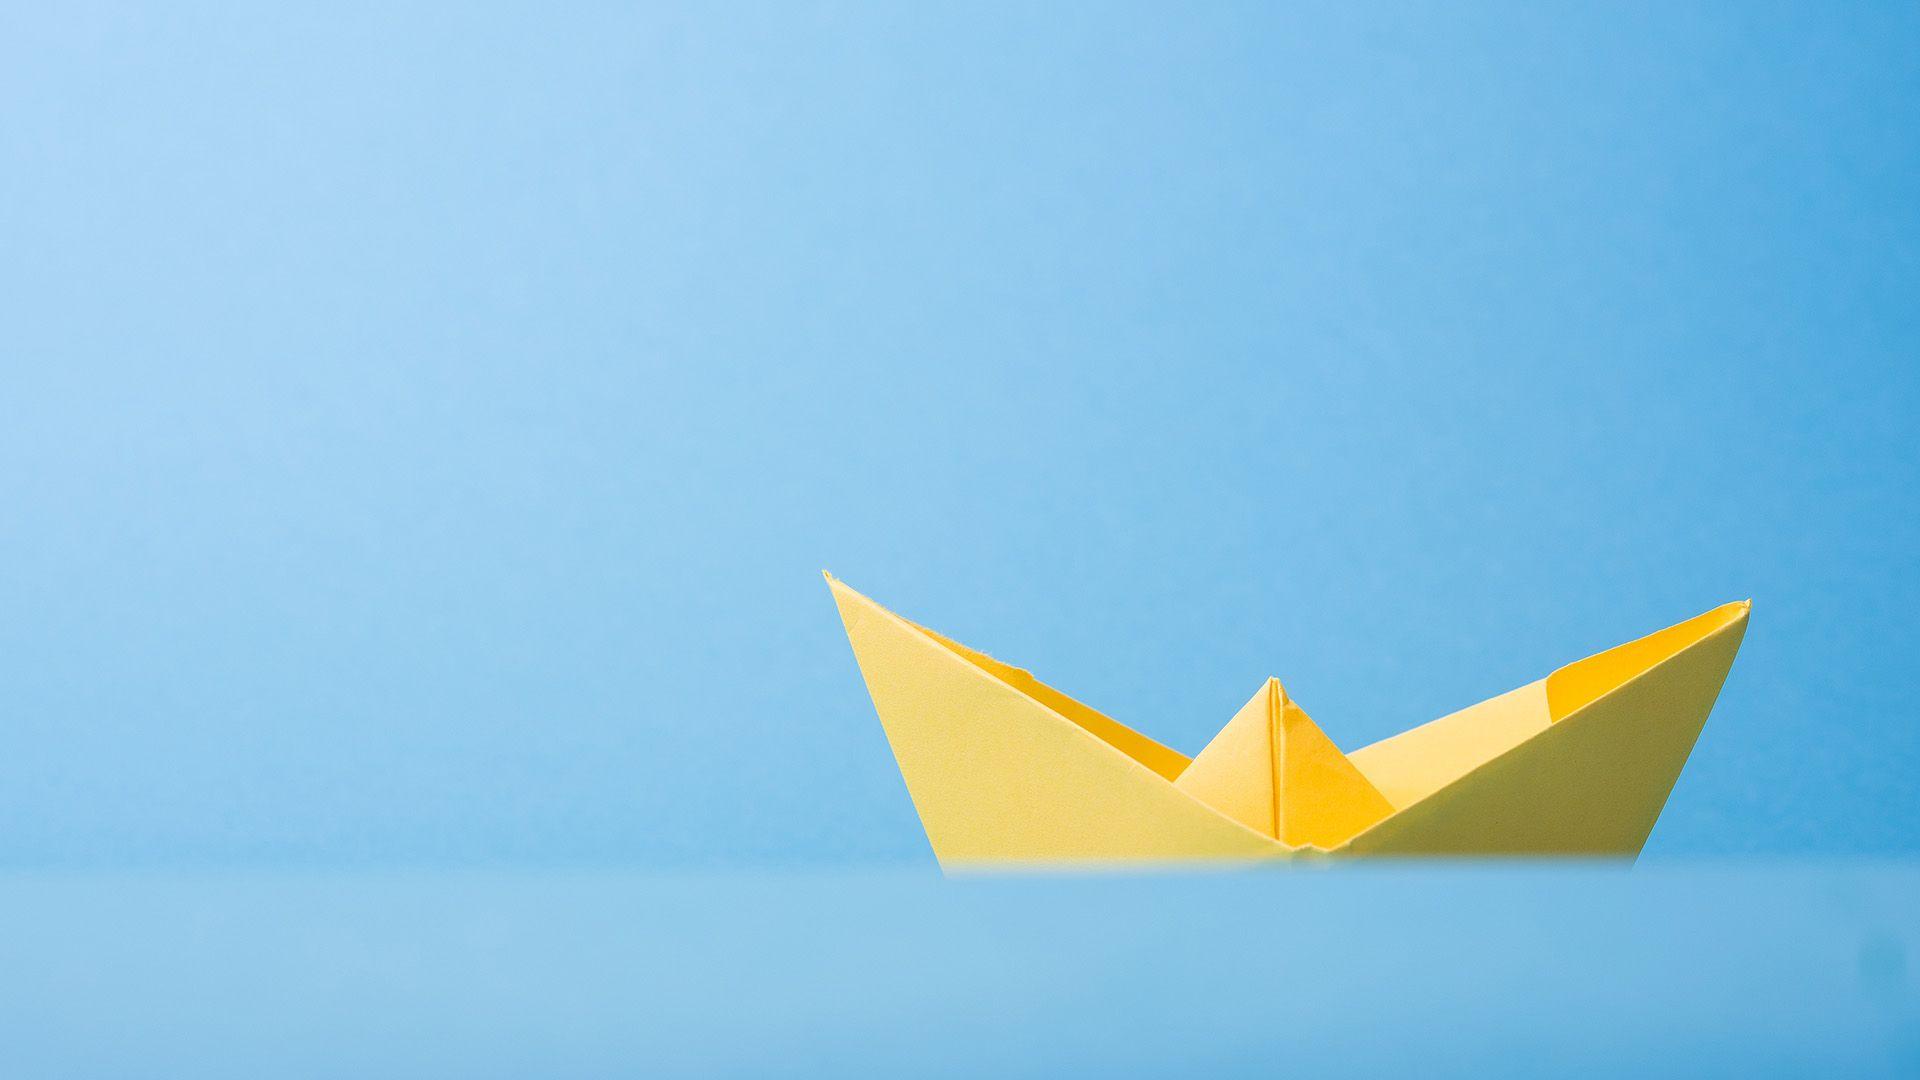 En gul papirbåt segler på det som er illustrert som blått hav og blå bakgrunn. Illustrasjon til sak om innholdsstrategi og kundereise for markedsføringsbyrået Elg.